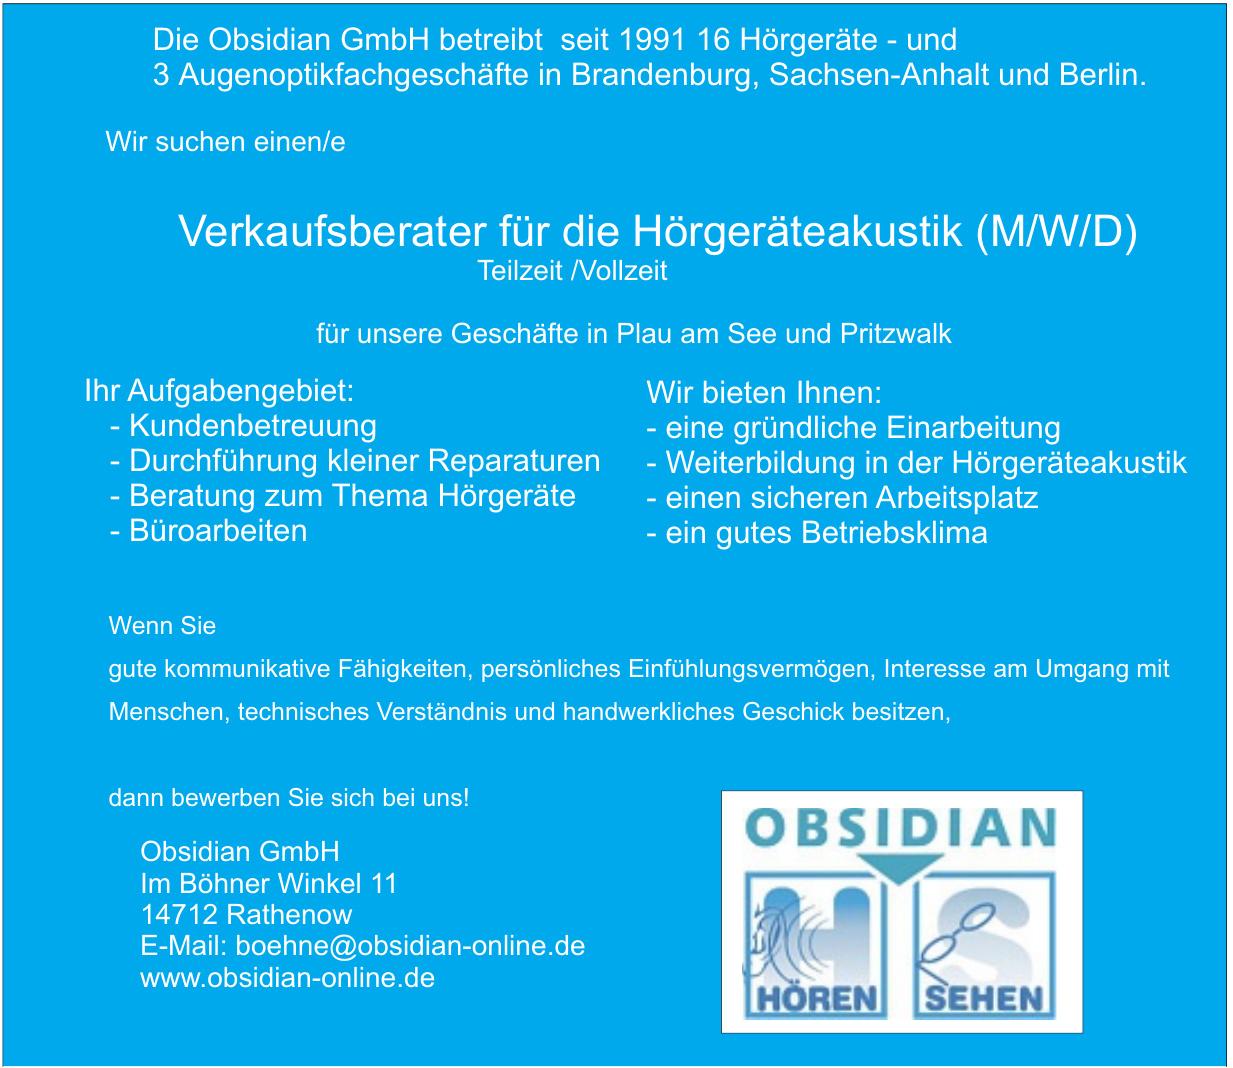 Obsidian GmbH